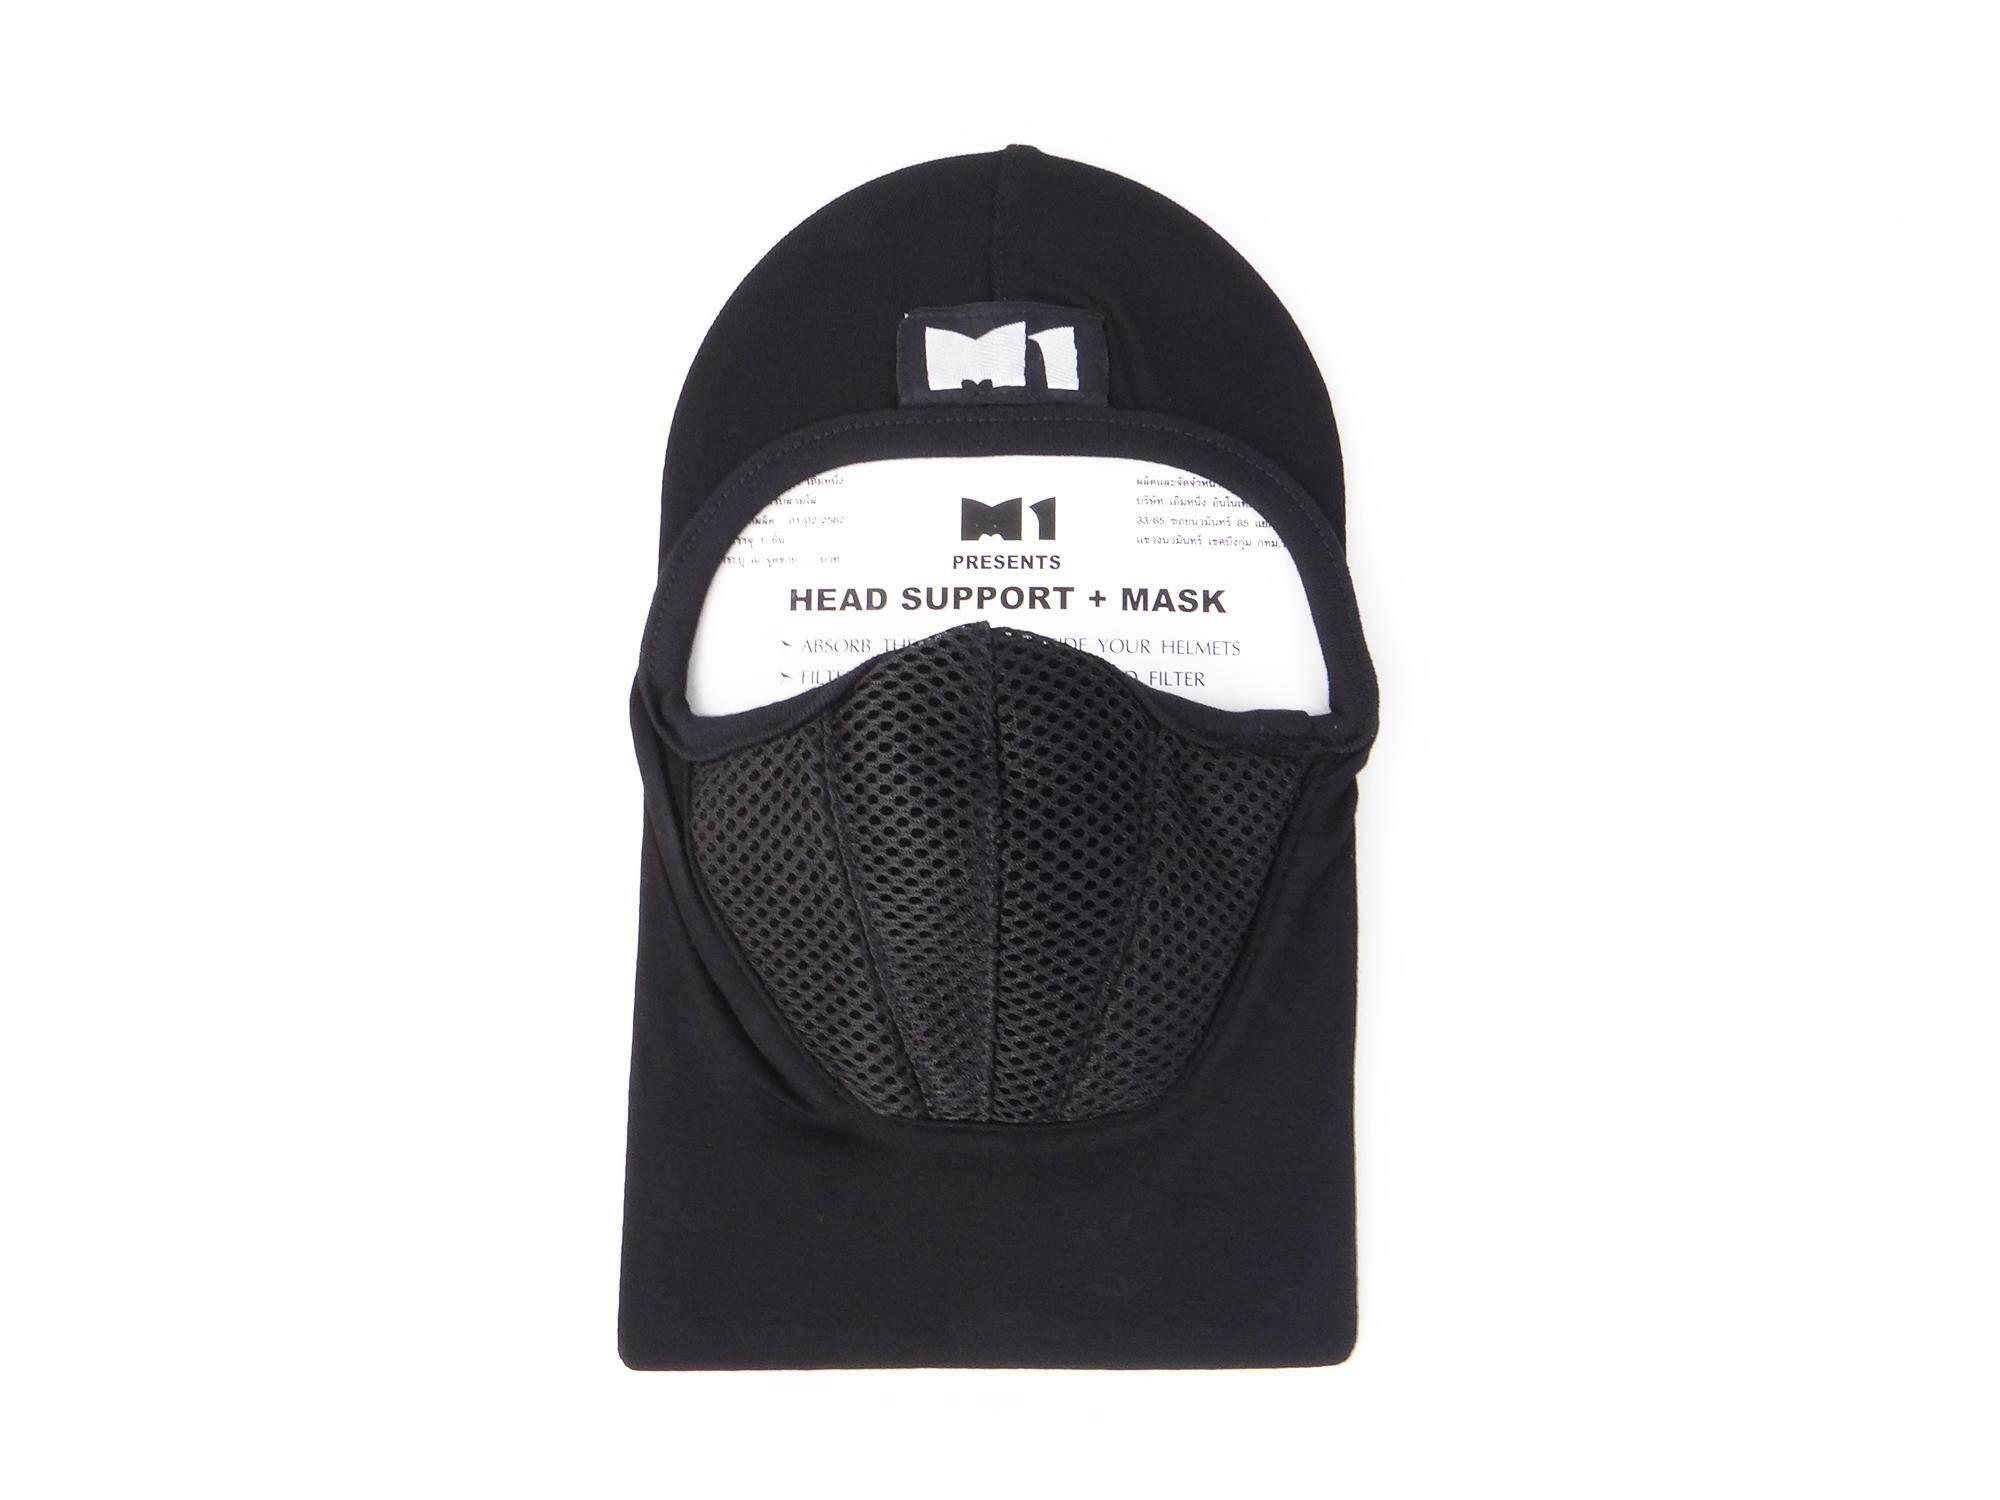 ผ้าคลุมศรีษะกรองฝุ่น โม่งคลุมหัว โม่งขับมอเตอร์ไซร์ ไอ้โม่ง หมวกโม่งยี่ห้อm1 กรองฝุ่น สีดำ.